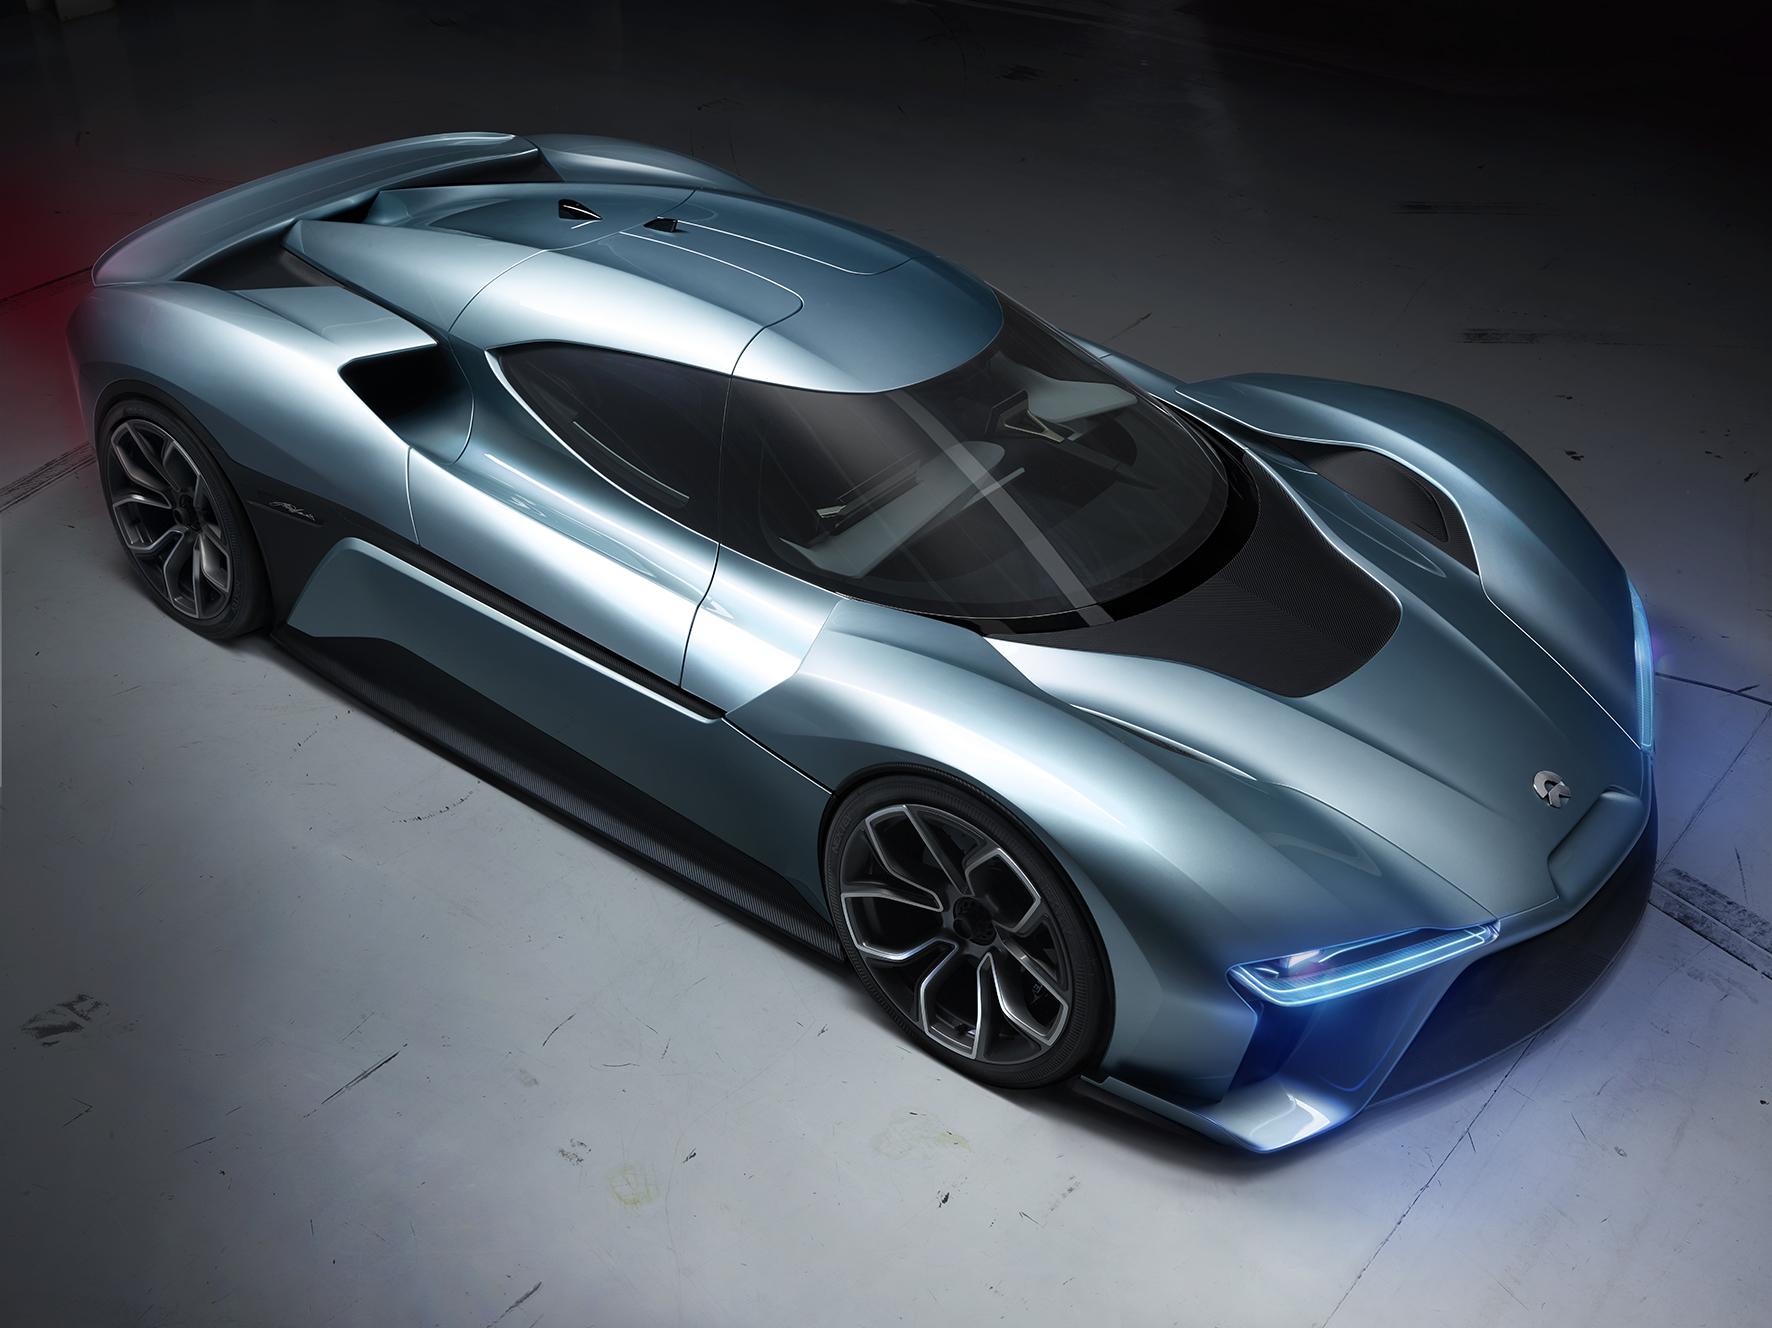 विश्व की सबसे तेज चलने वाली इलैक्ट्रिक कार